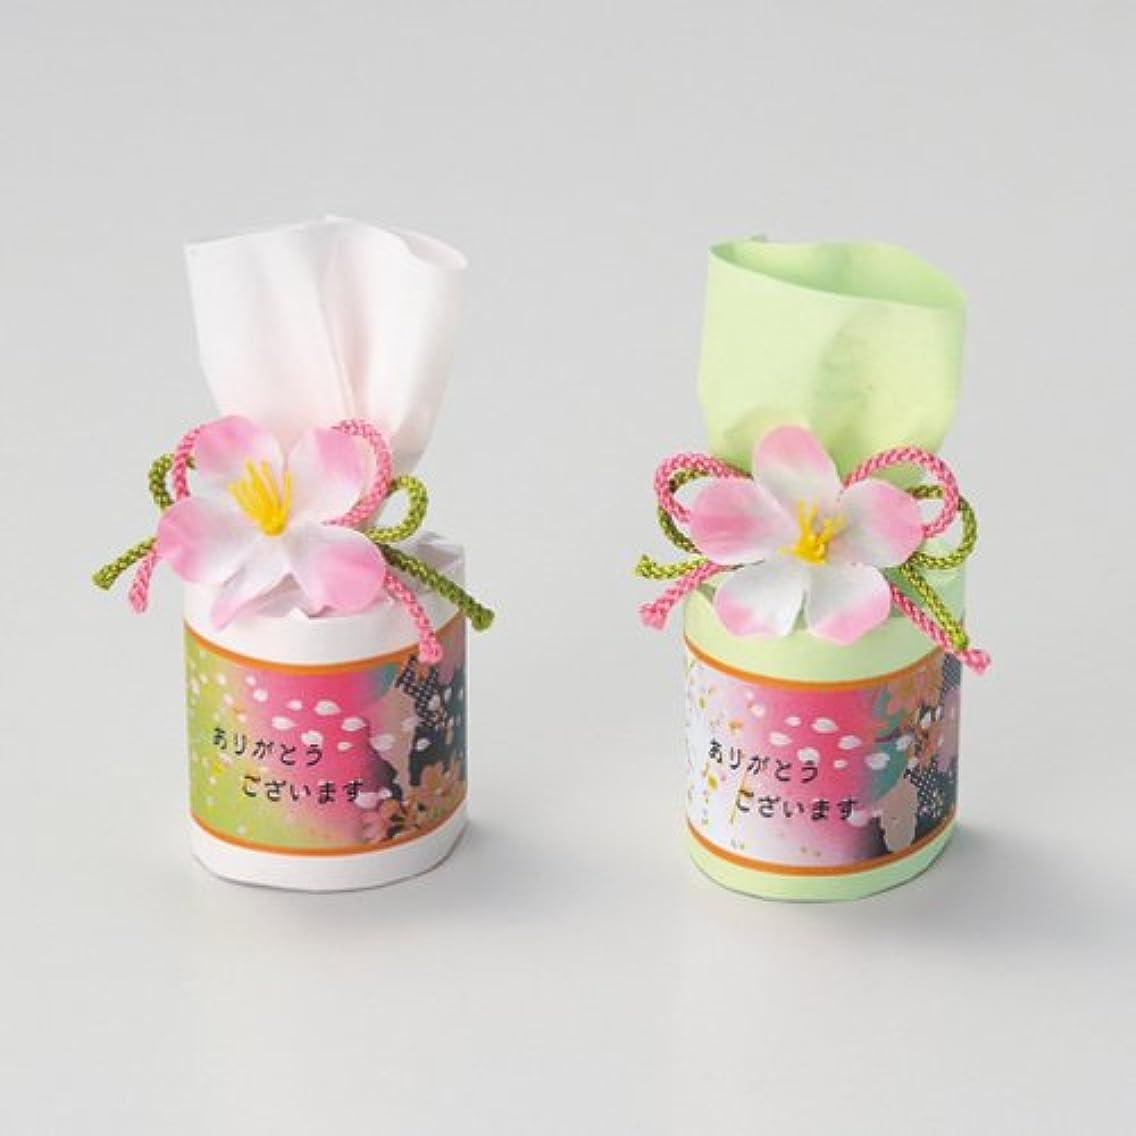 放散する熱国プチギフト 桜のたよりバスタイム (入浴剤)